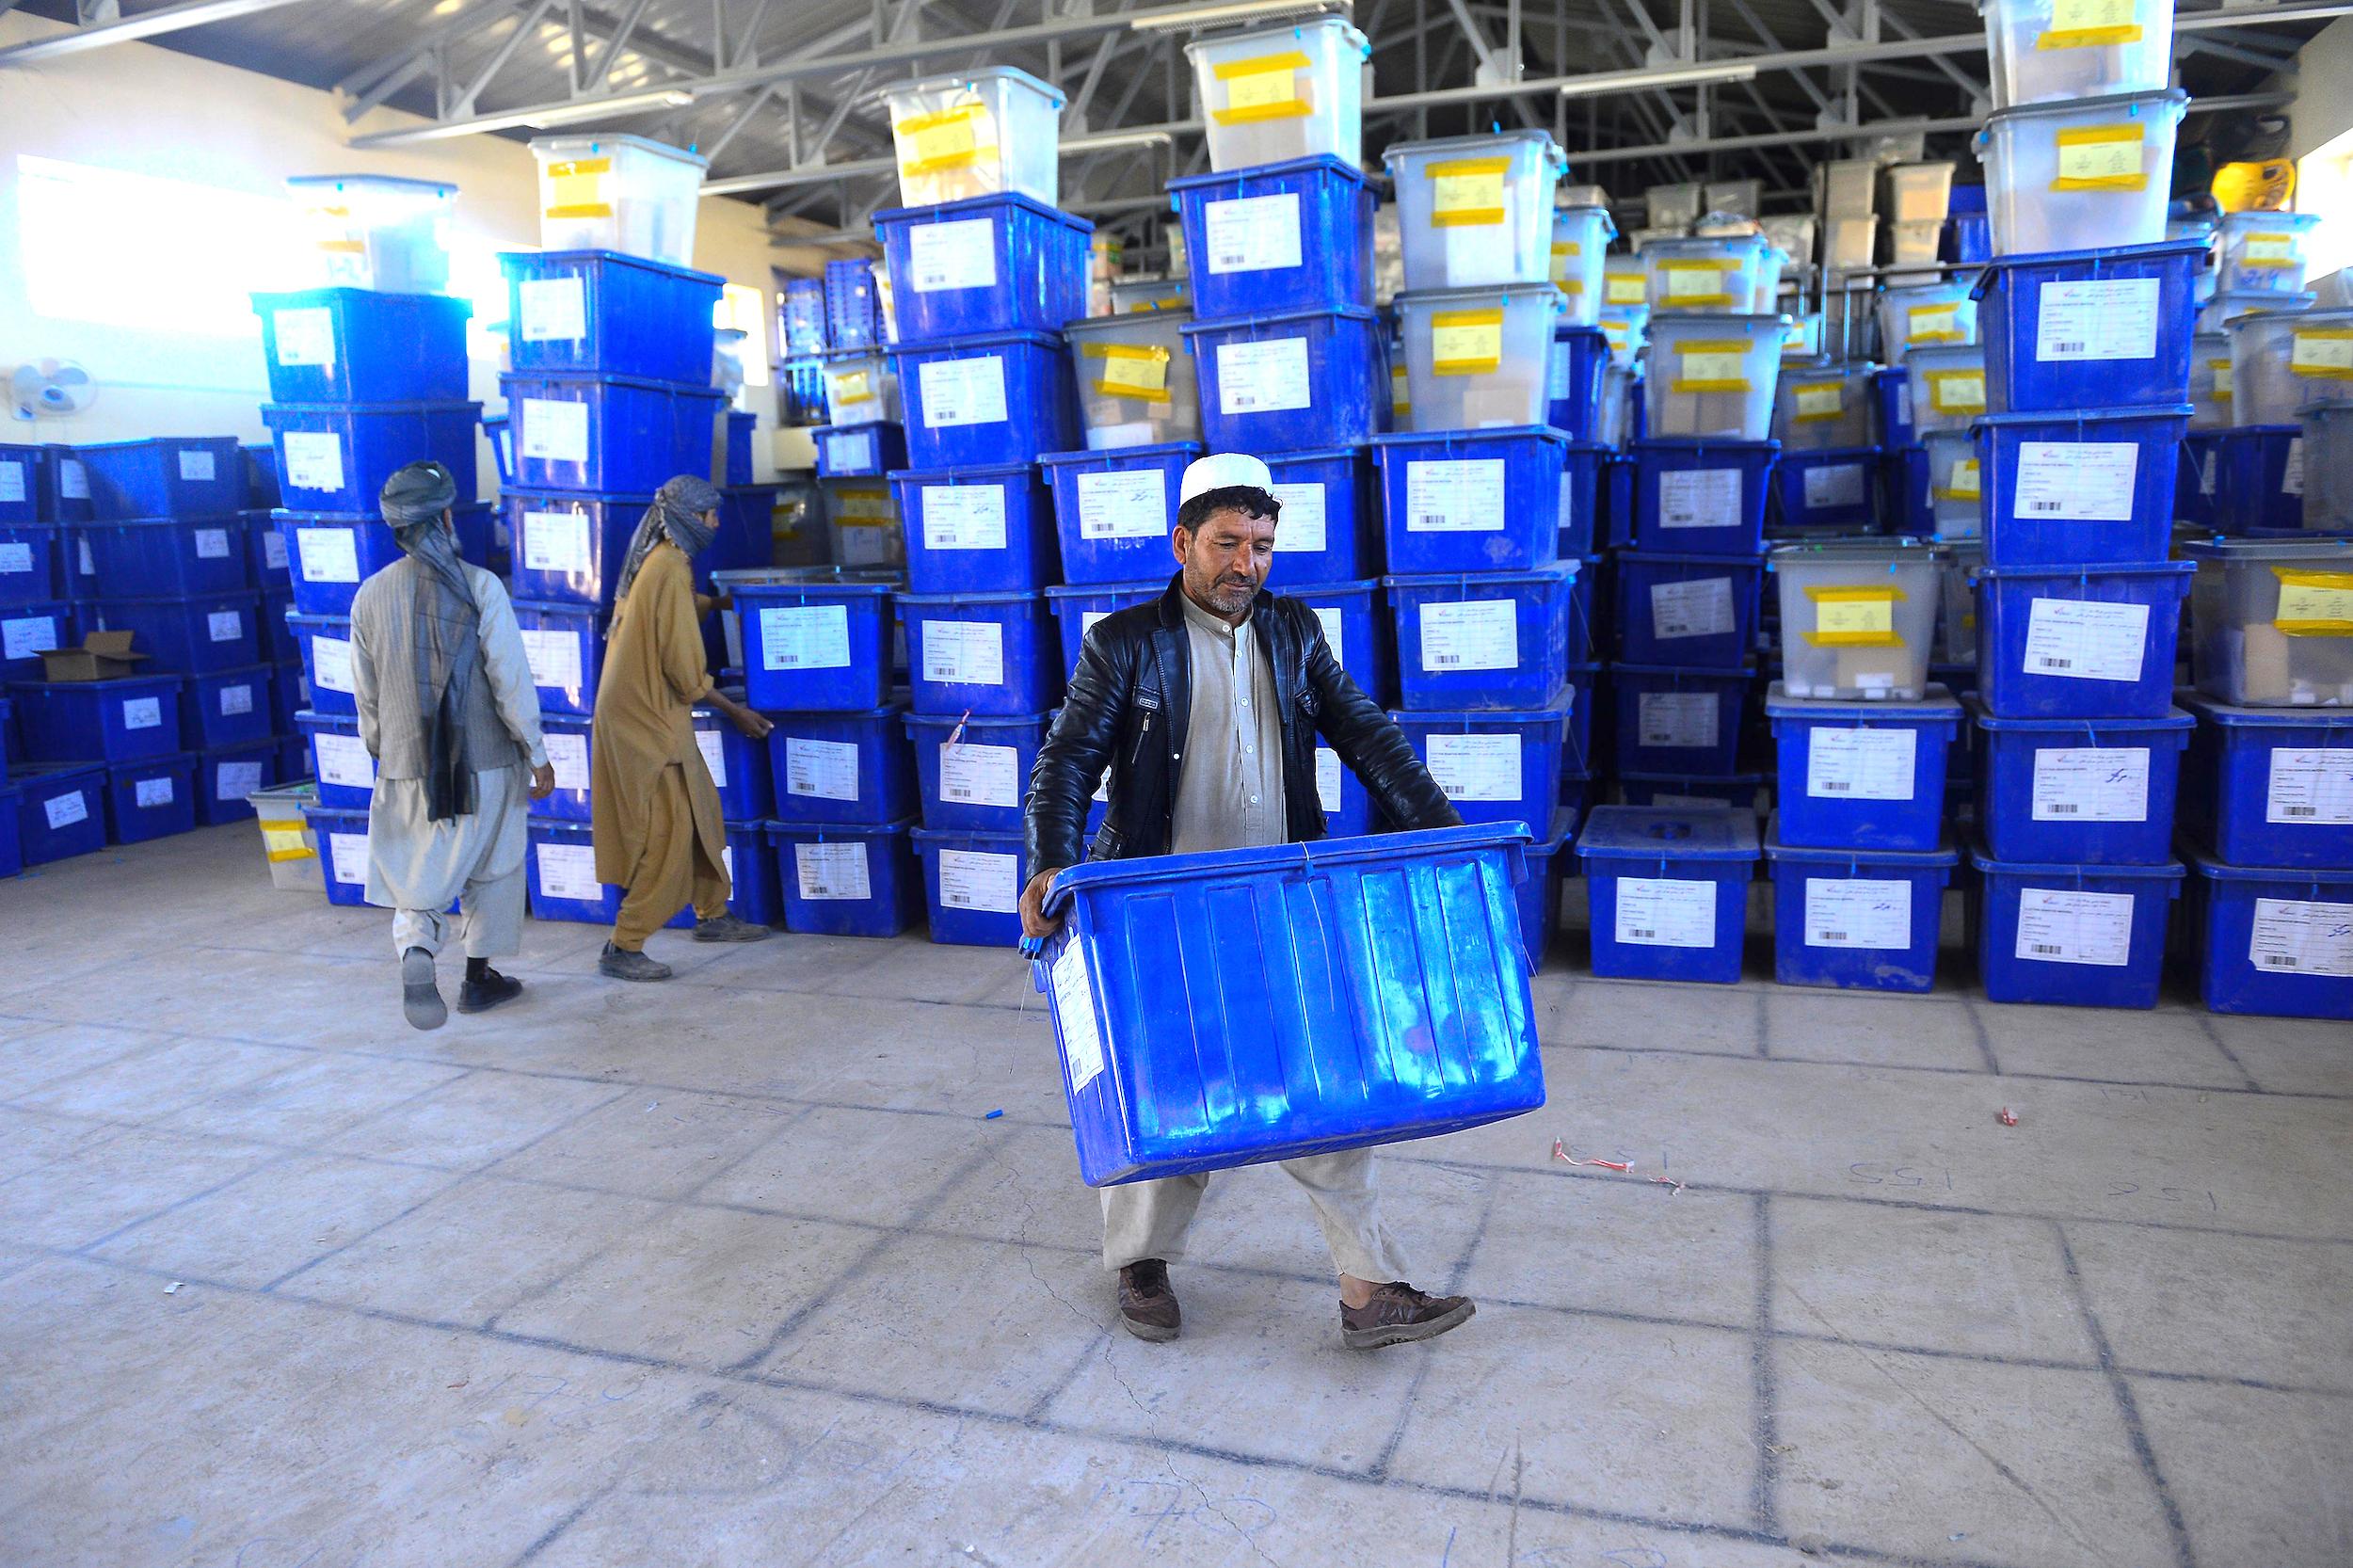 افغانان په مهمو پارلماني انتخاباتو کې رایه اچونې ته مخه کوي